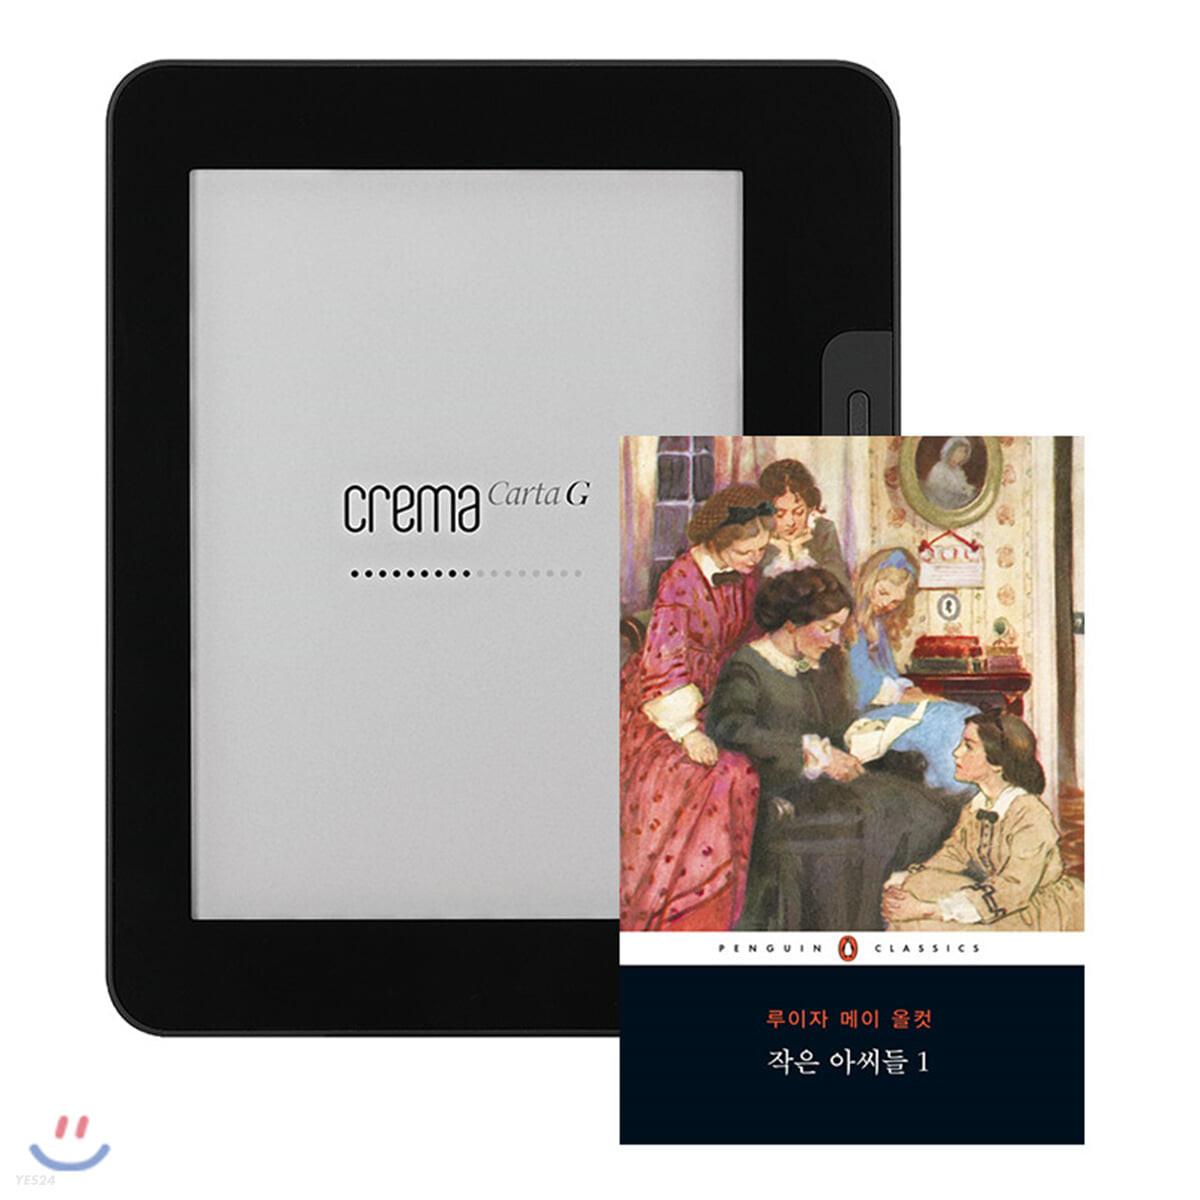 예스24 크레마 카르타G (crema cartaG) + 2020 펭귄클래식 고전베스트 30권 eBook 세트